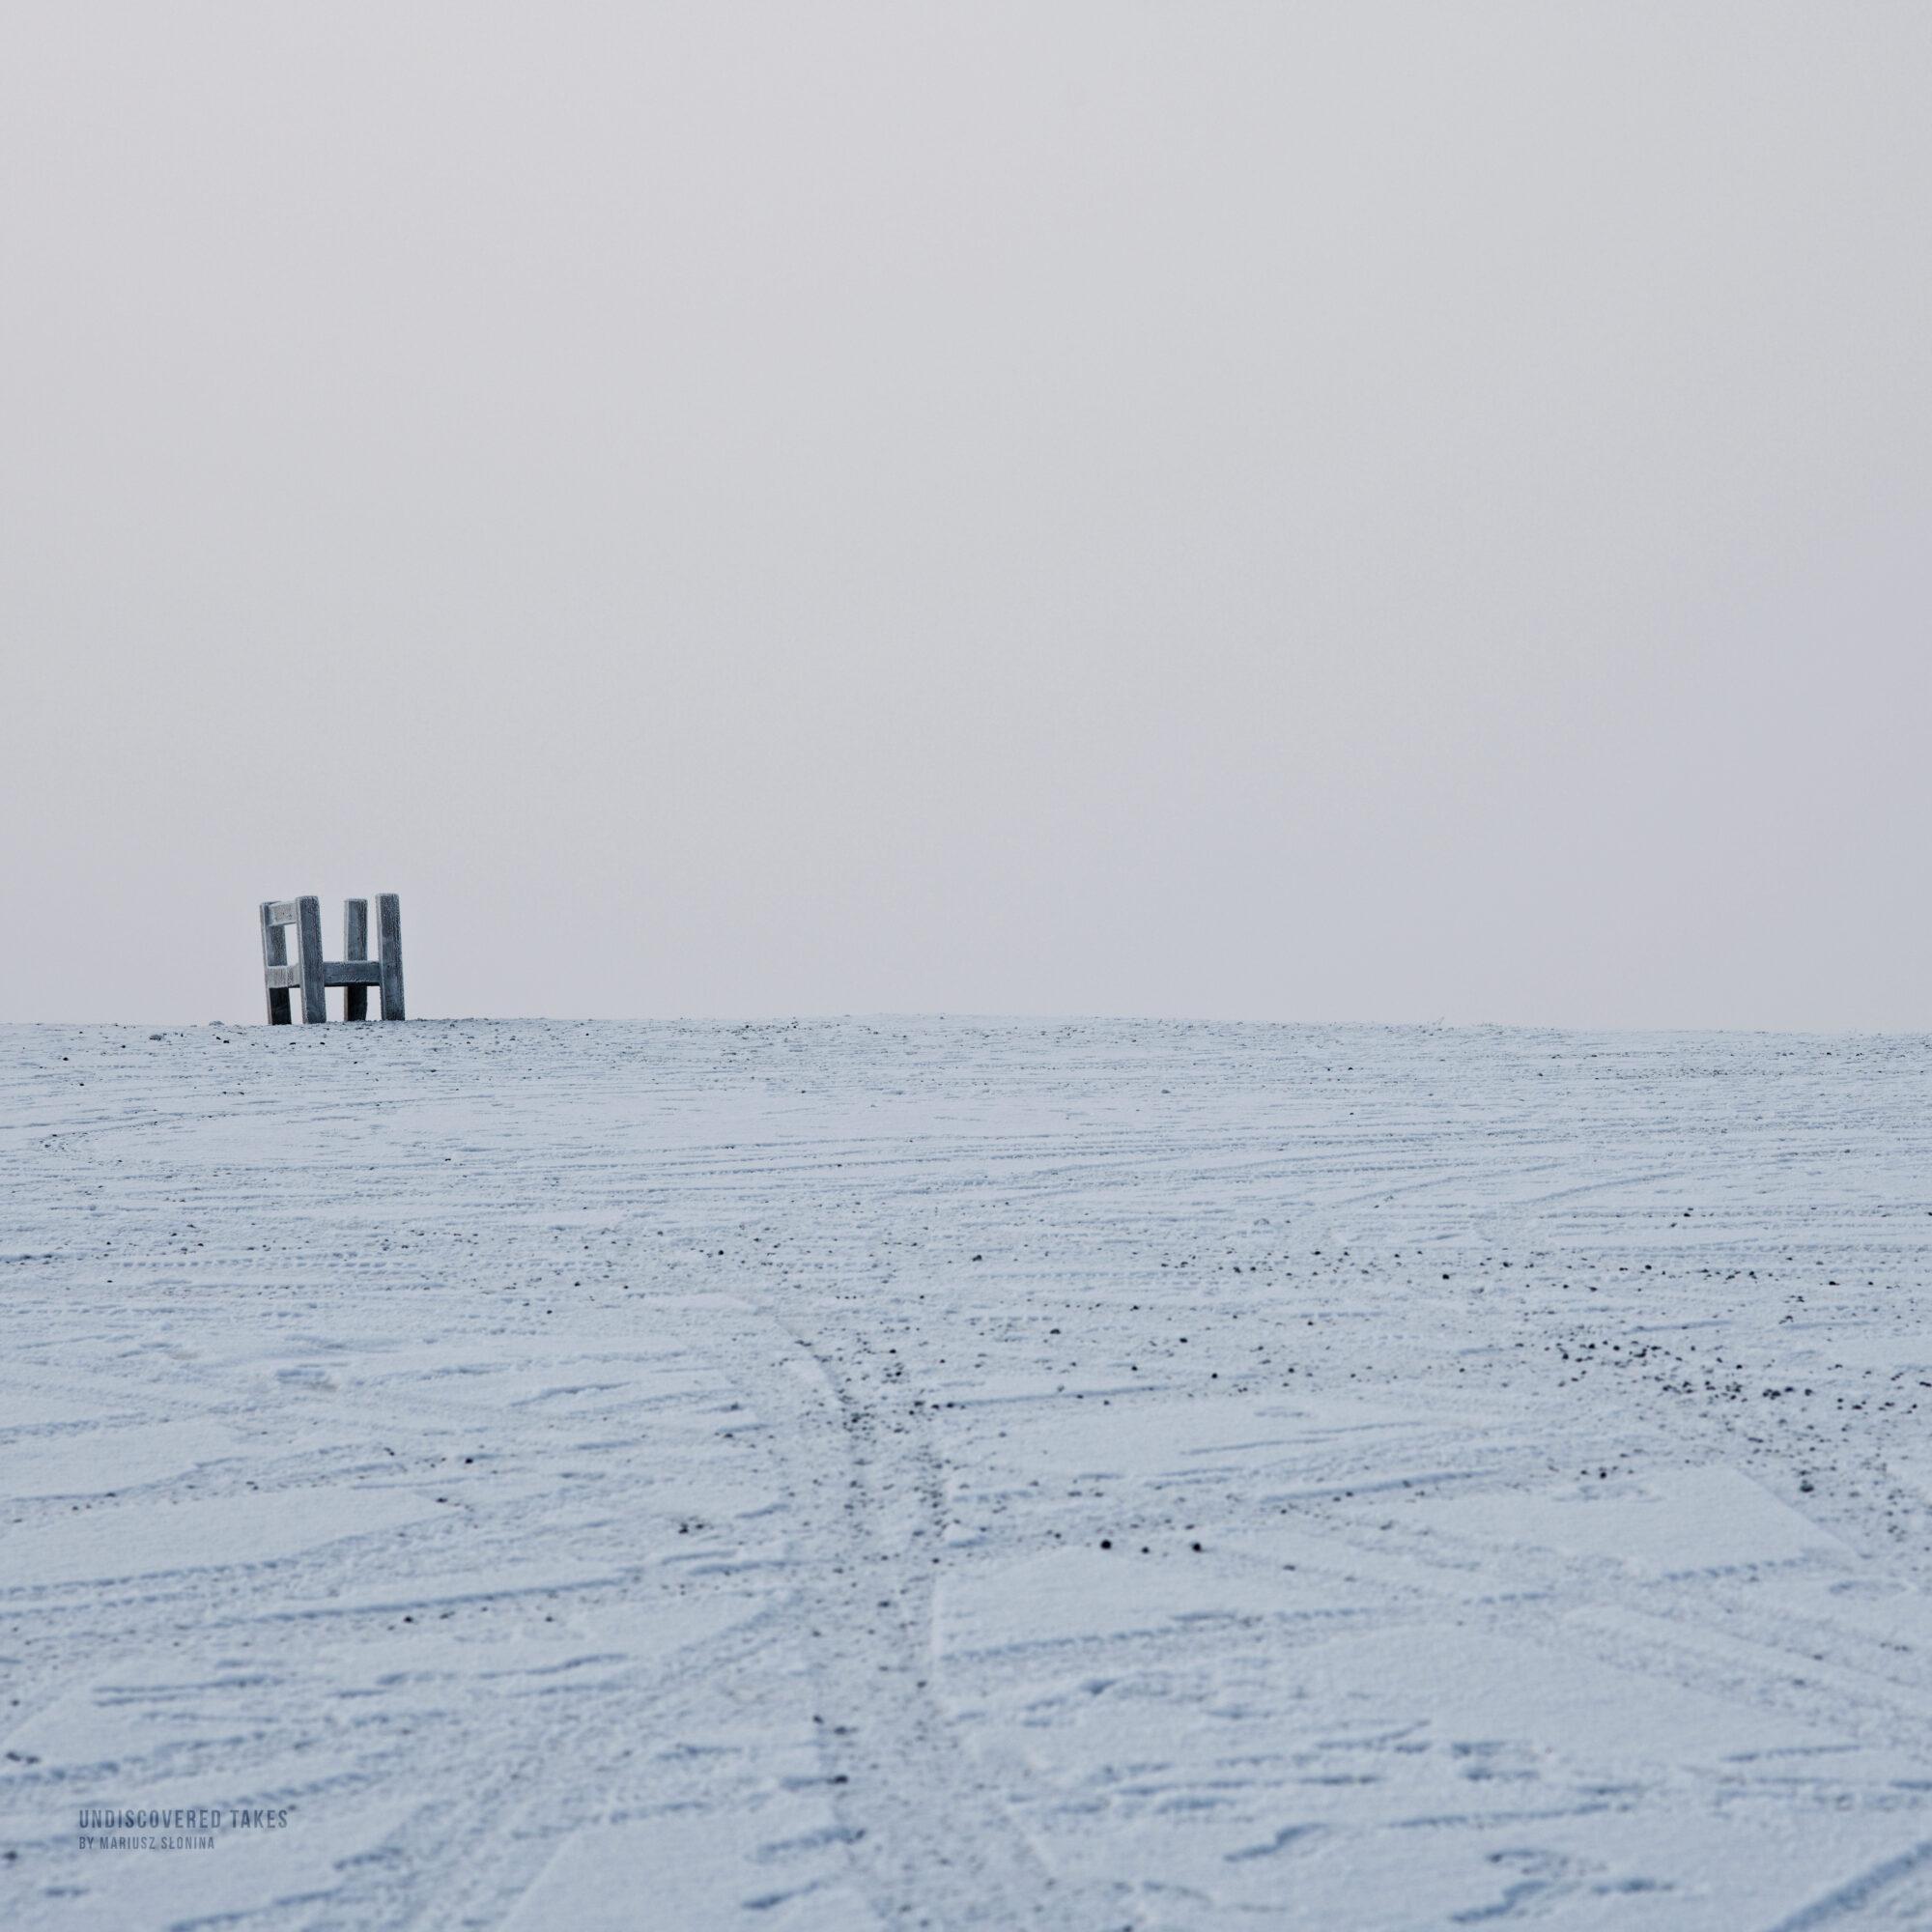 iceland-in-between/ND_20191126_120309_3201_001.jpg